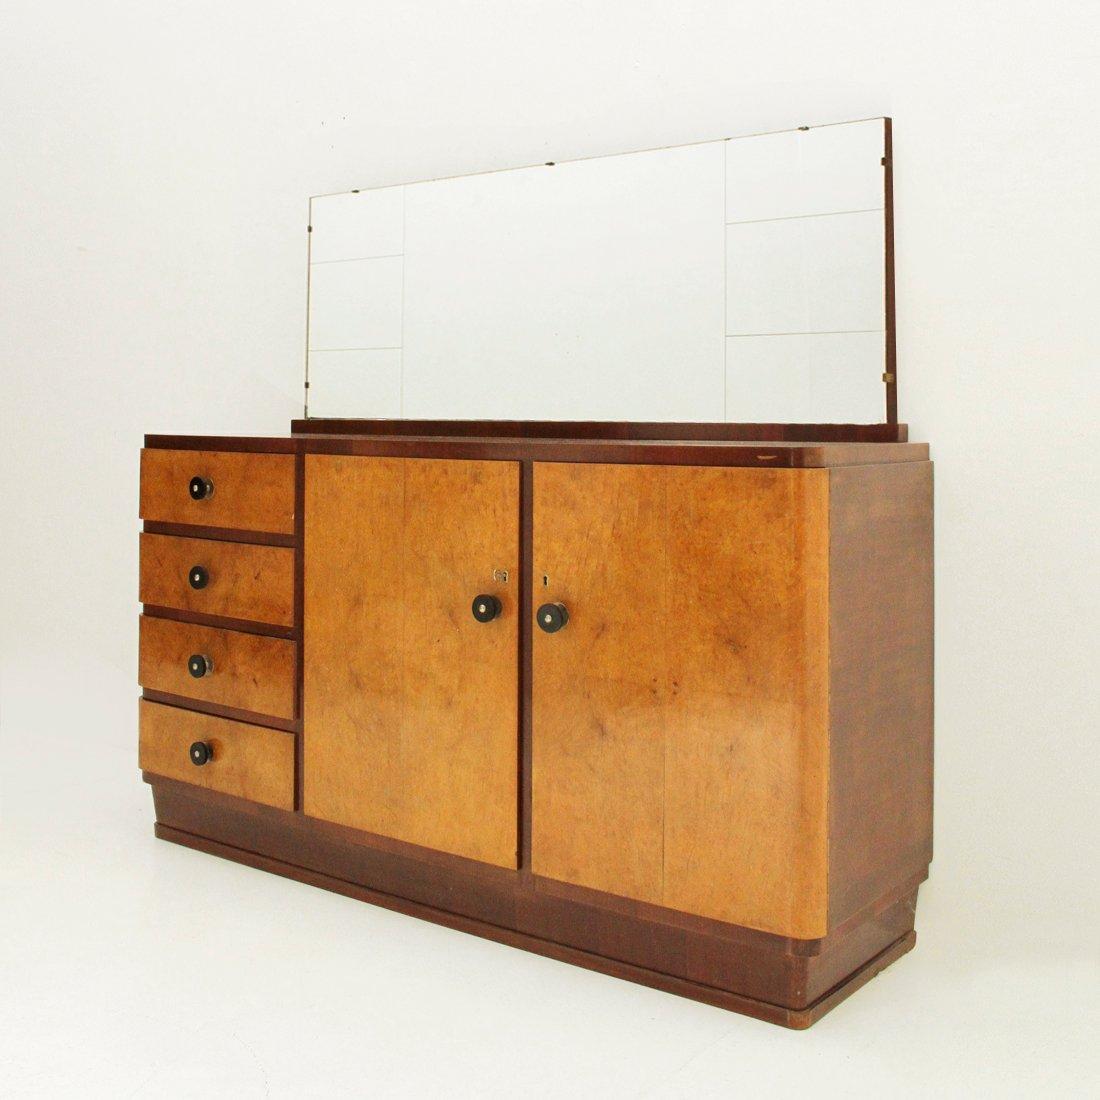 Italienisches Vintage Sideboard & Spiegel, 1930er